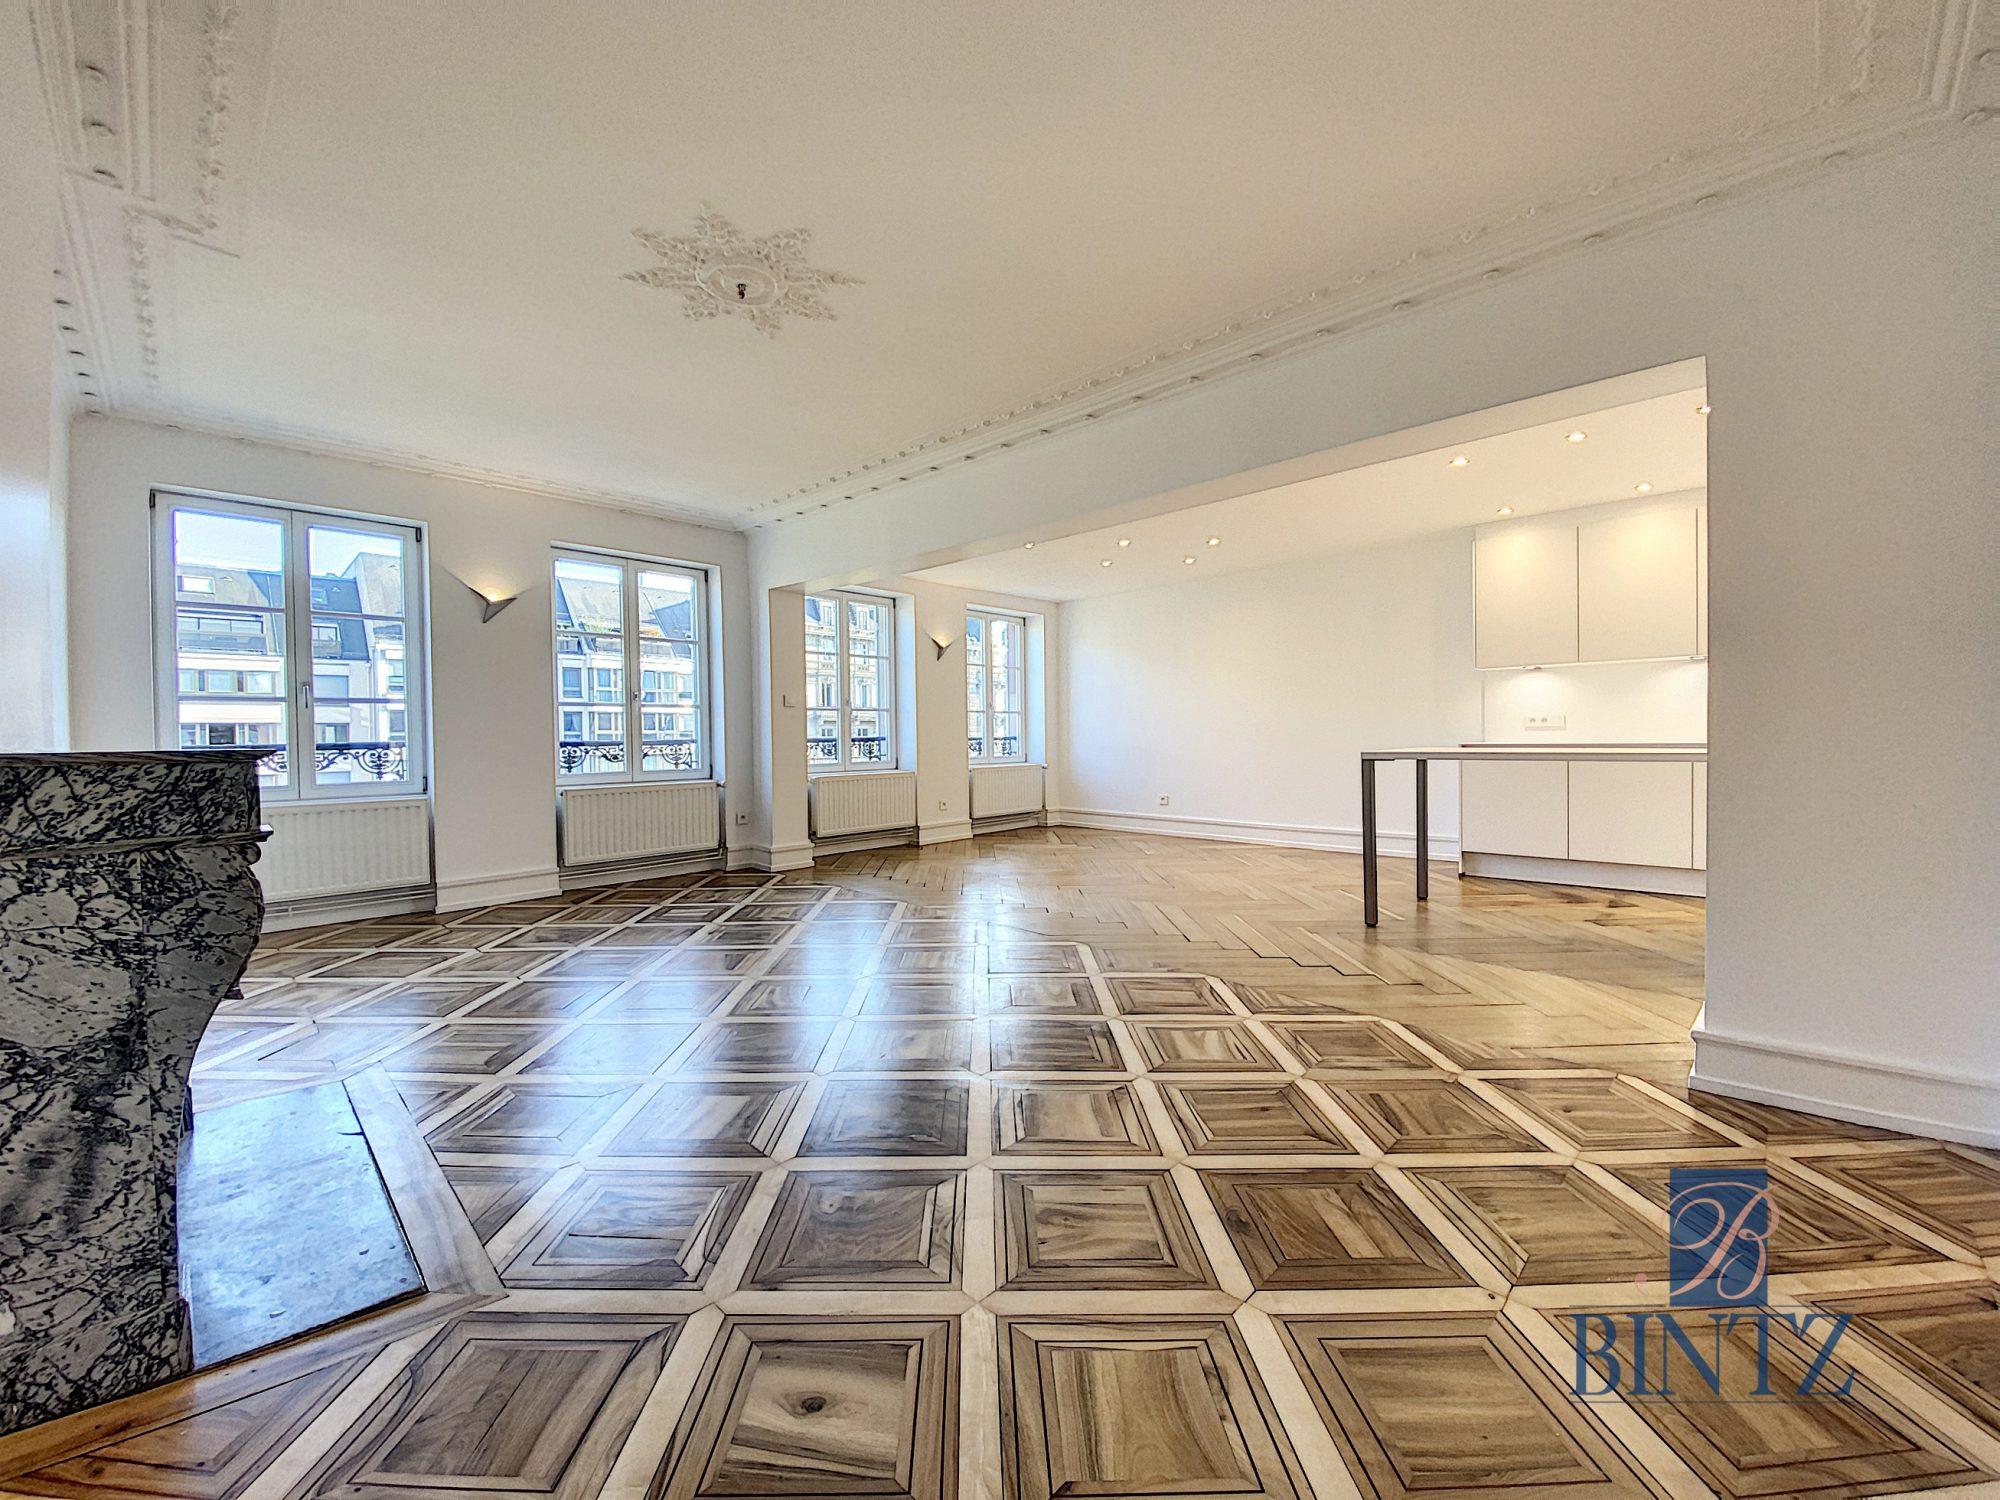 5 pièces d'exception face à la mairie - Devenez locataire en toute sérénité - Bintz Immobilier - 1